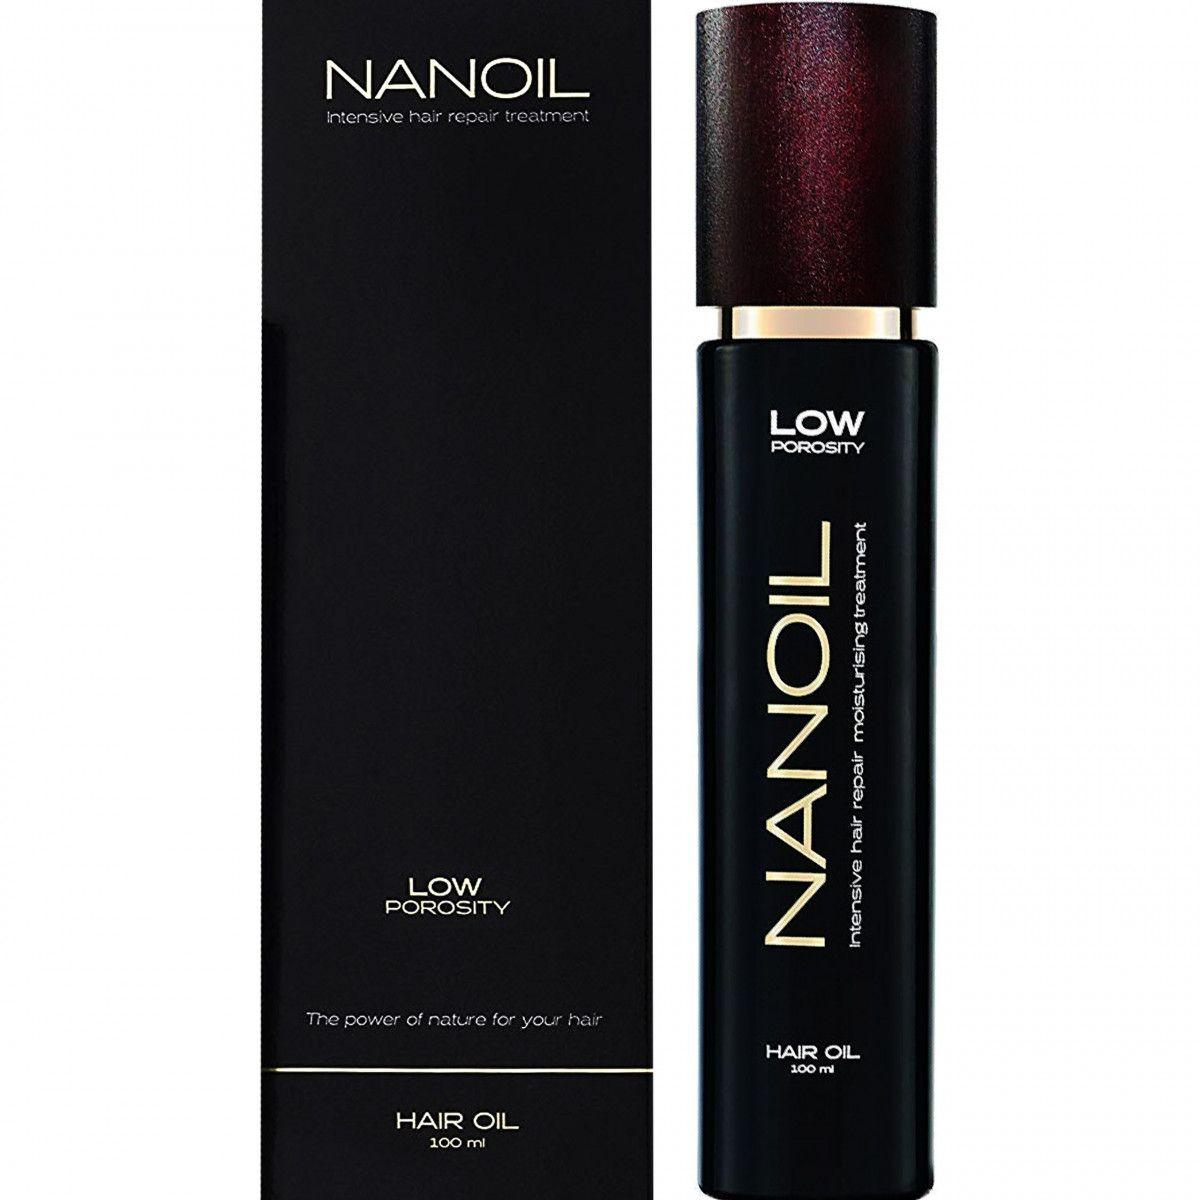 Nanoil Low Porosity, olejek do włosów niskoporowatych, ciężkich i trudnych do stylizacji 100ml